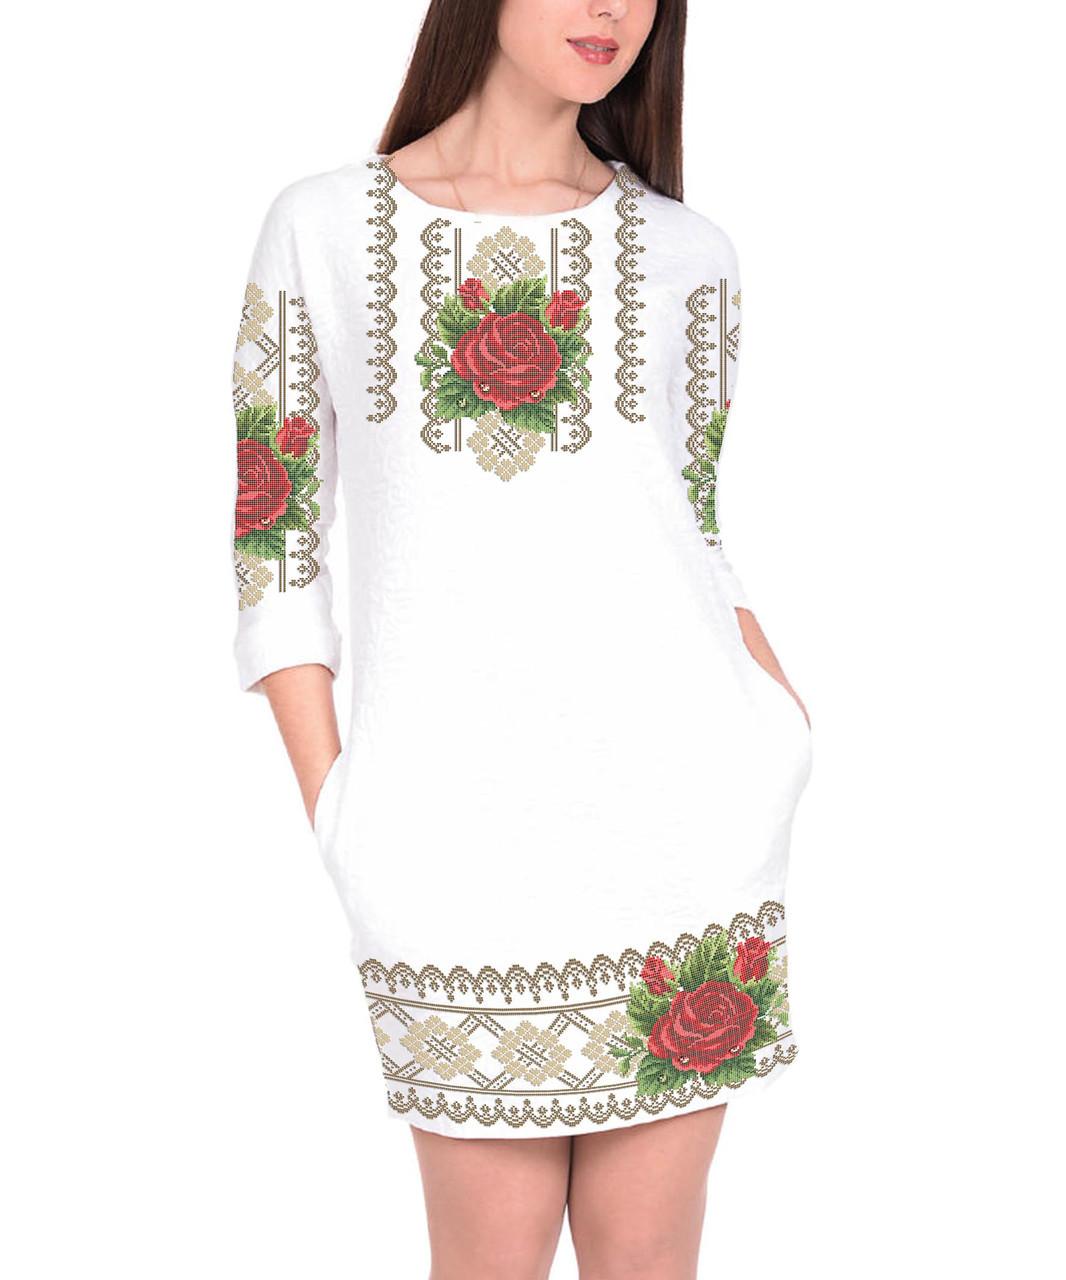 Заготовка женского платья для вышивки / вышивания бисером / ниткой «Троянда в росі»